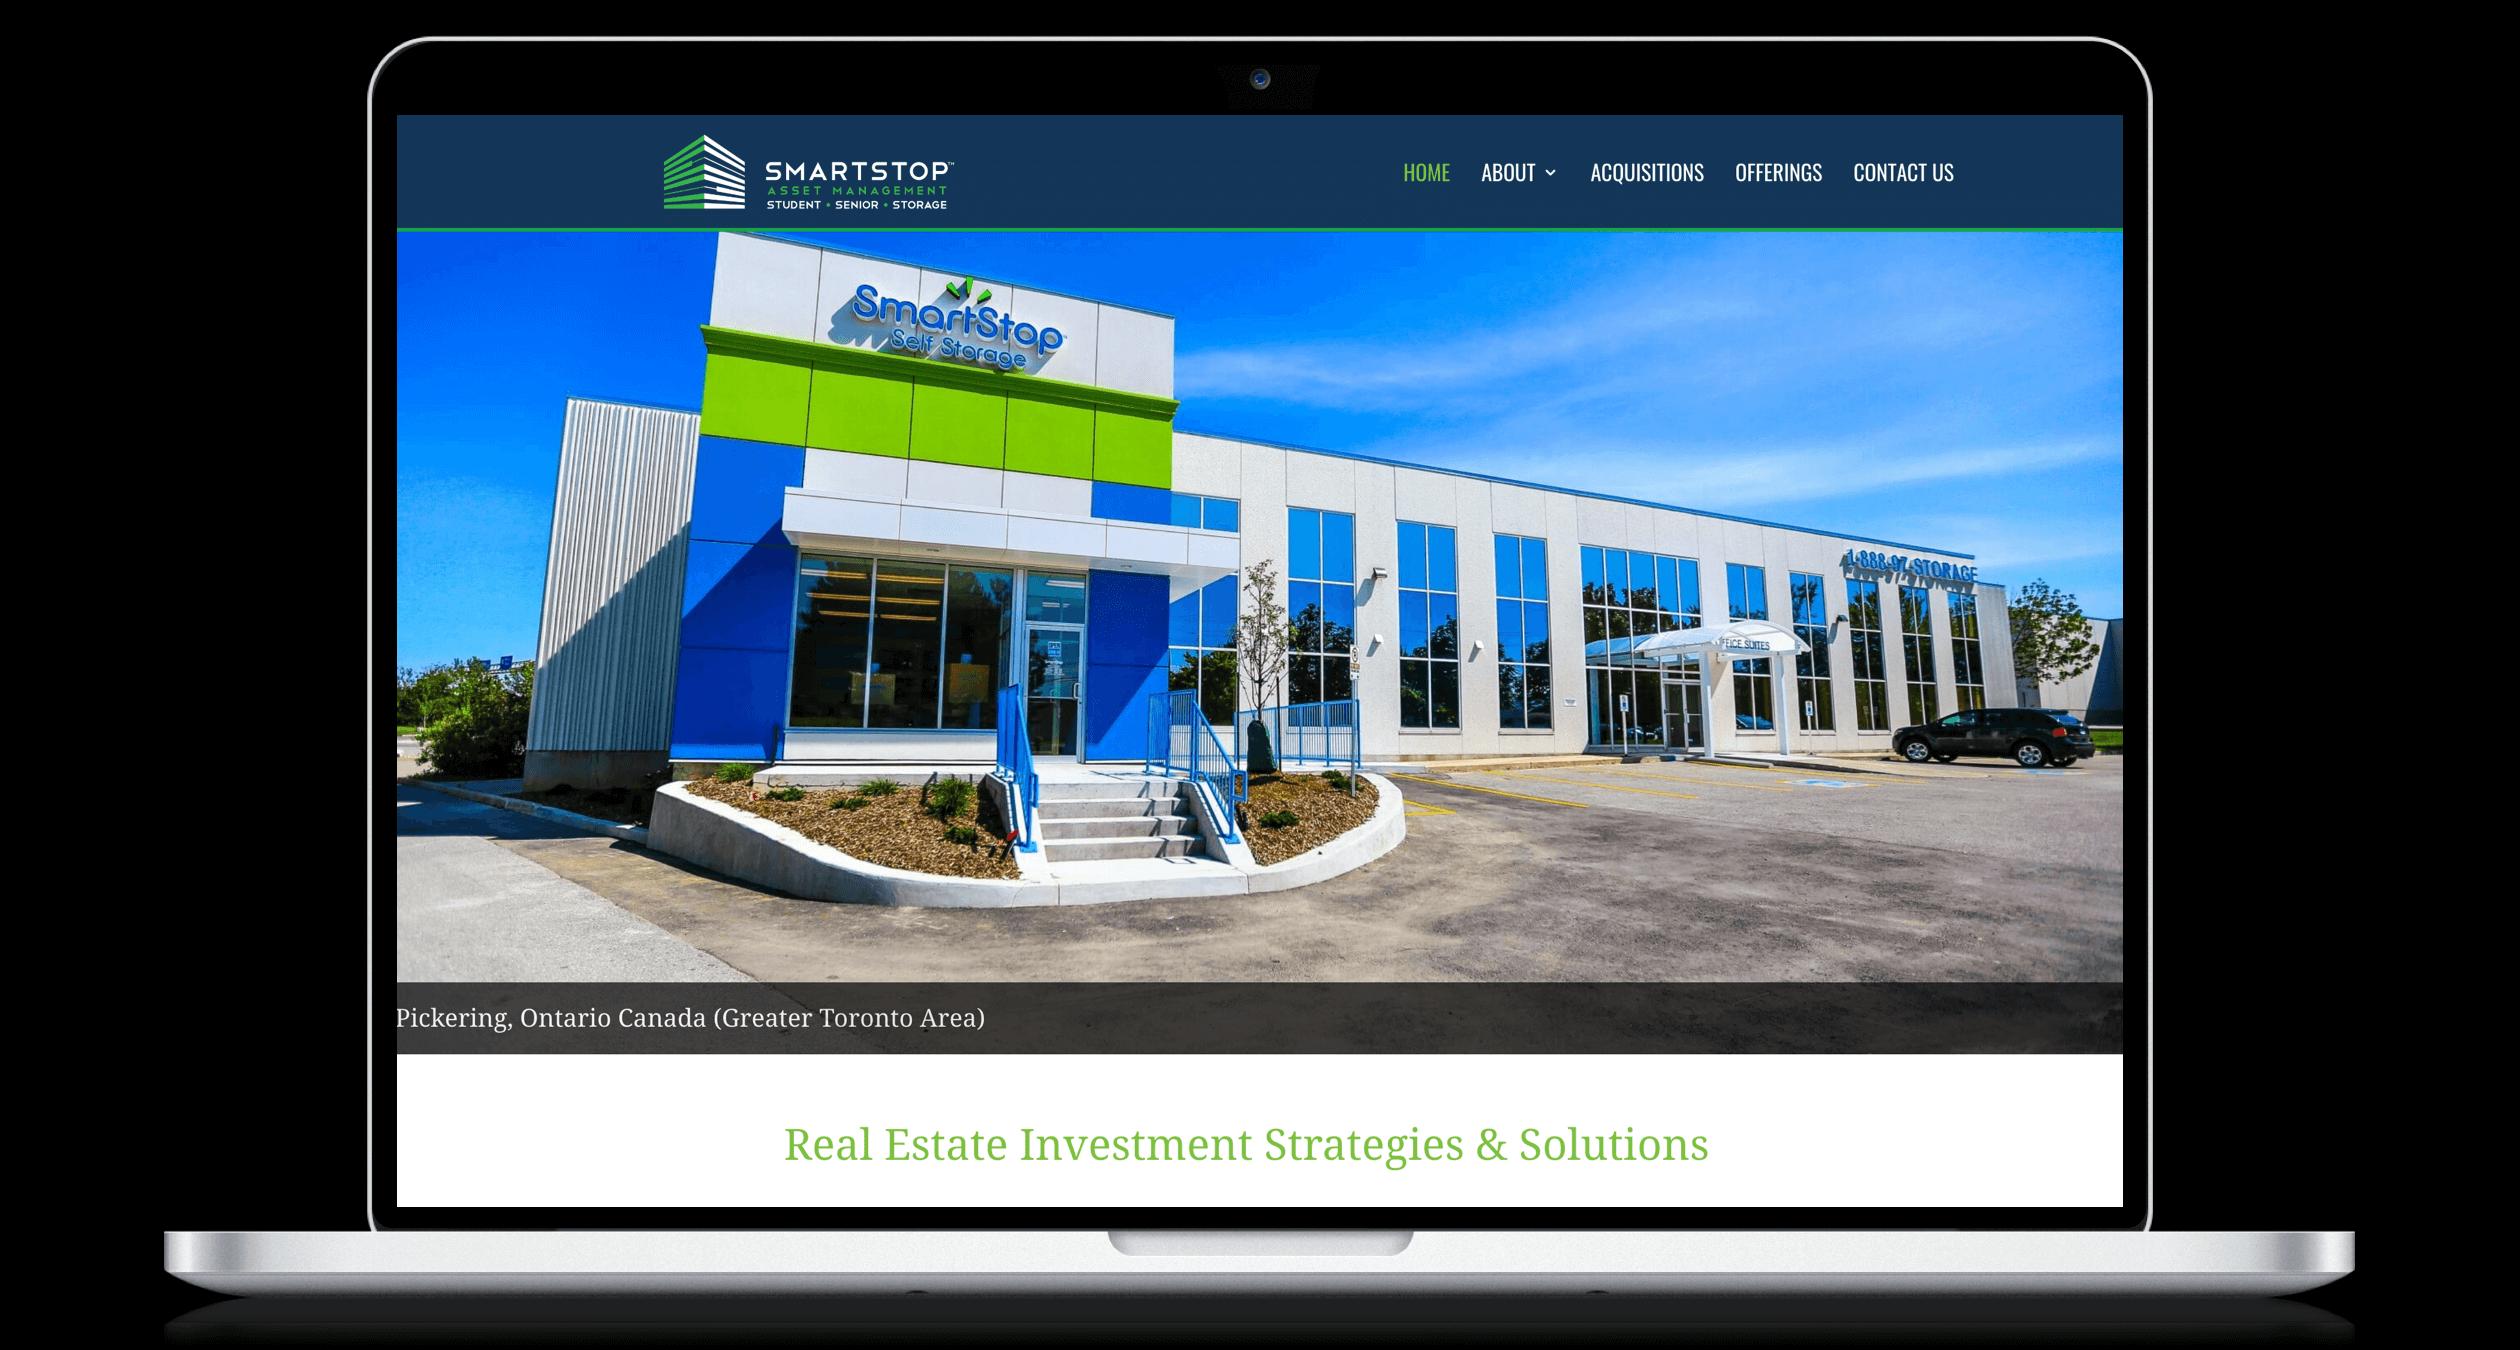 PHX-Web-Agency-SmartStop-Asset-Management-Website-Design-REIT-1031-Exchange-After